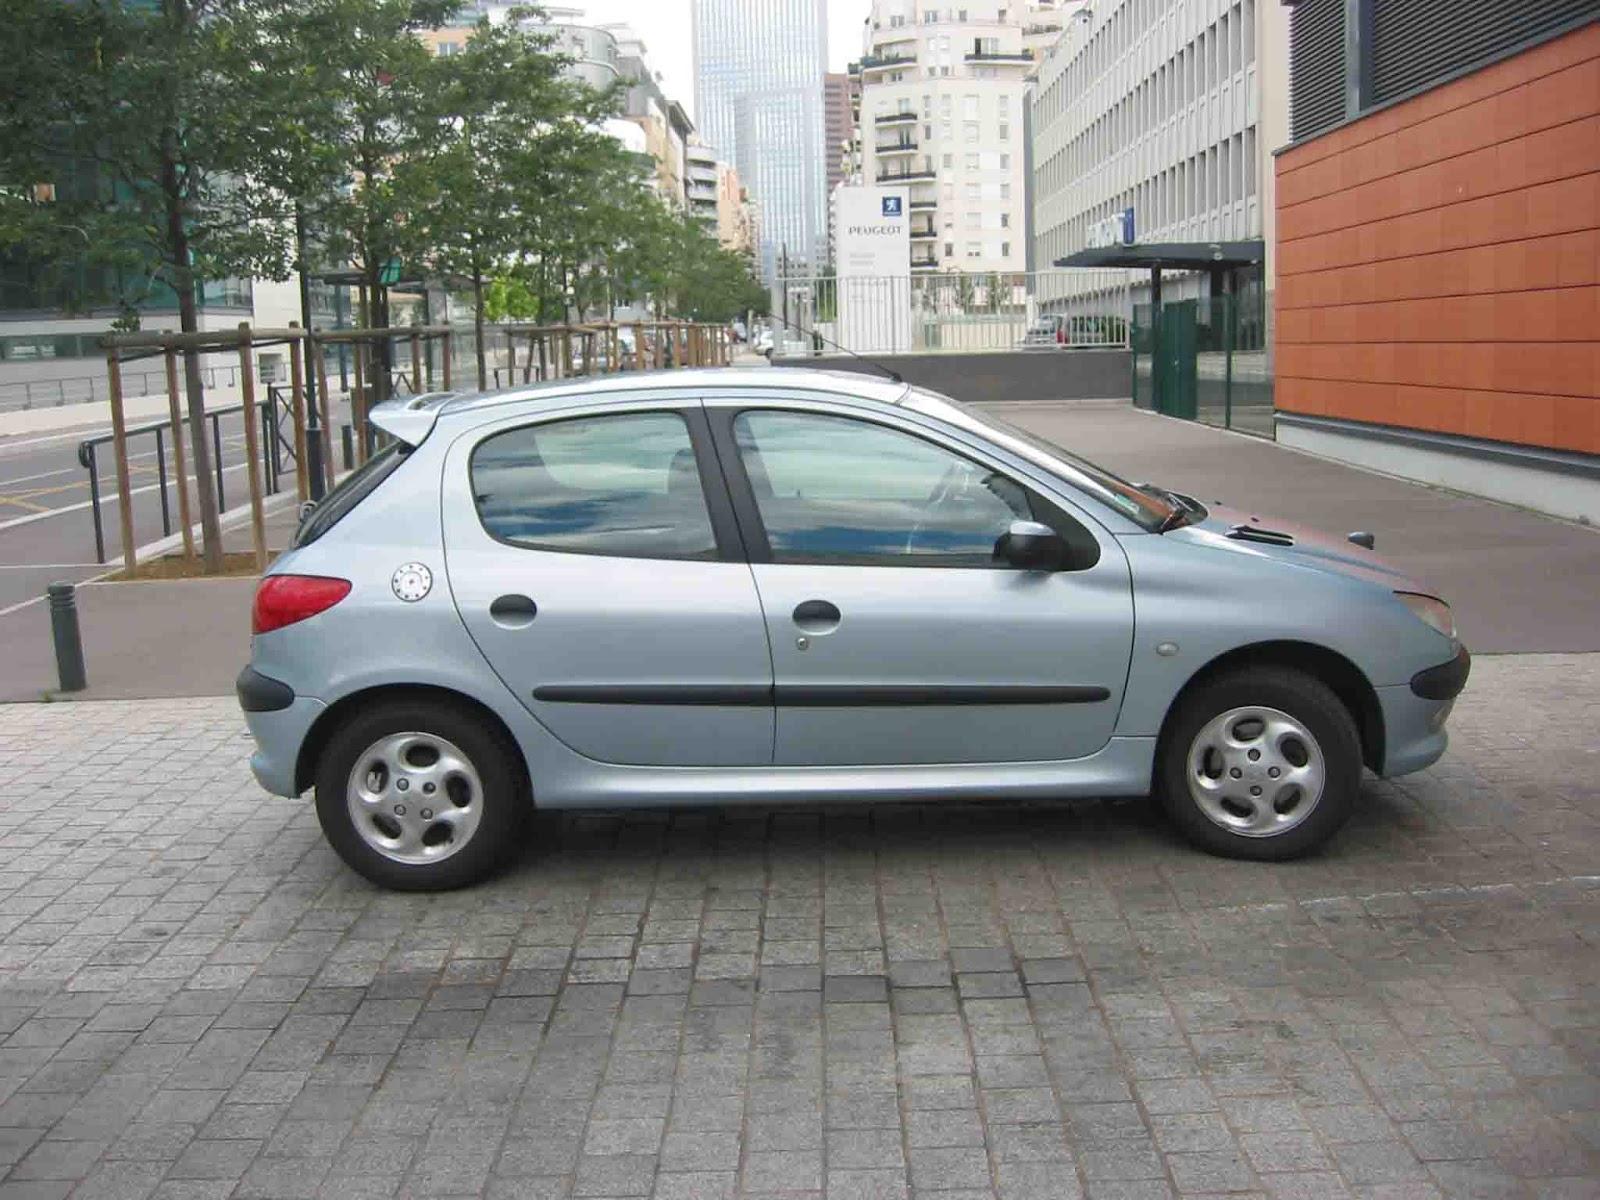 Rentalcarsbg.com | Peugeot 206